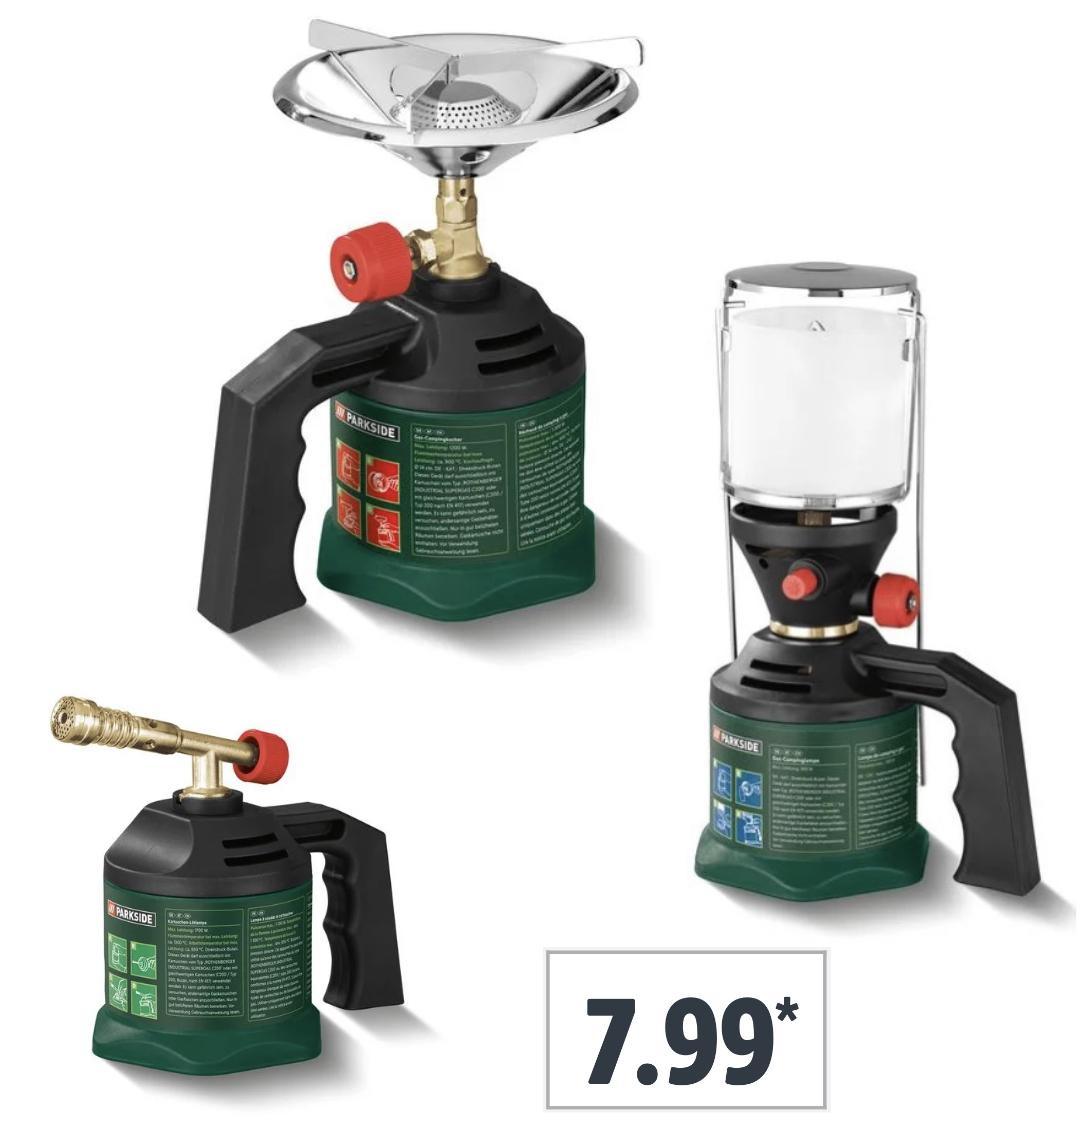 Parkside Campingkocher Gaskocher, Campinglampe oder Kartuschen-Lötlampe für je 7,99€